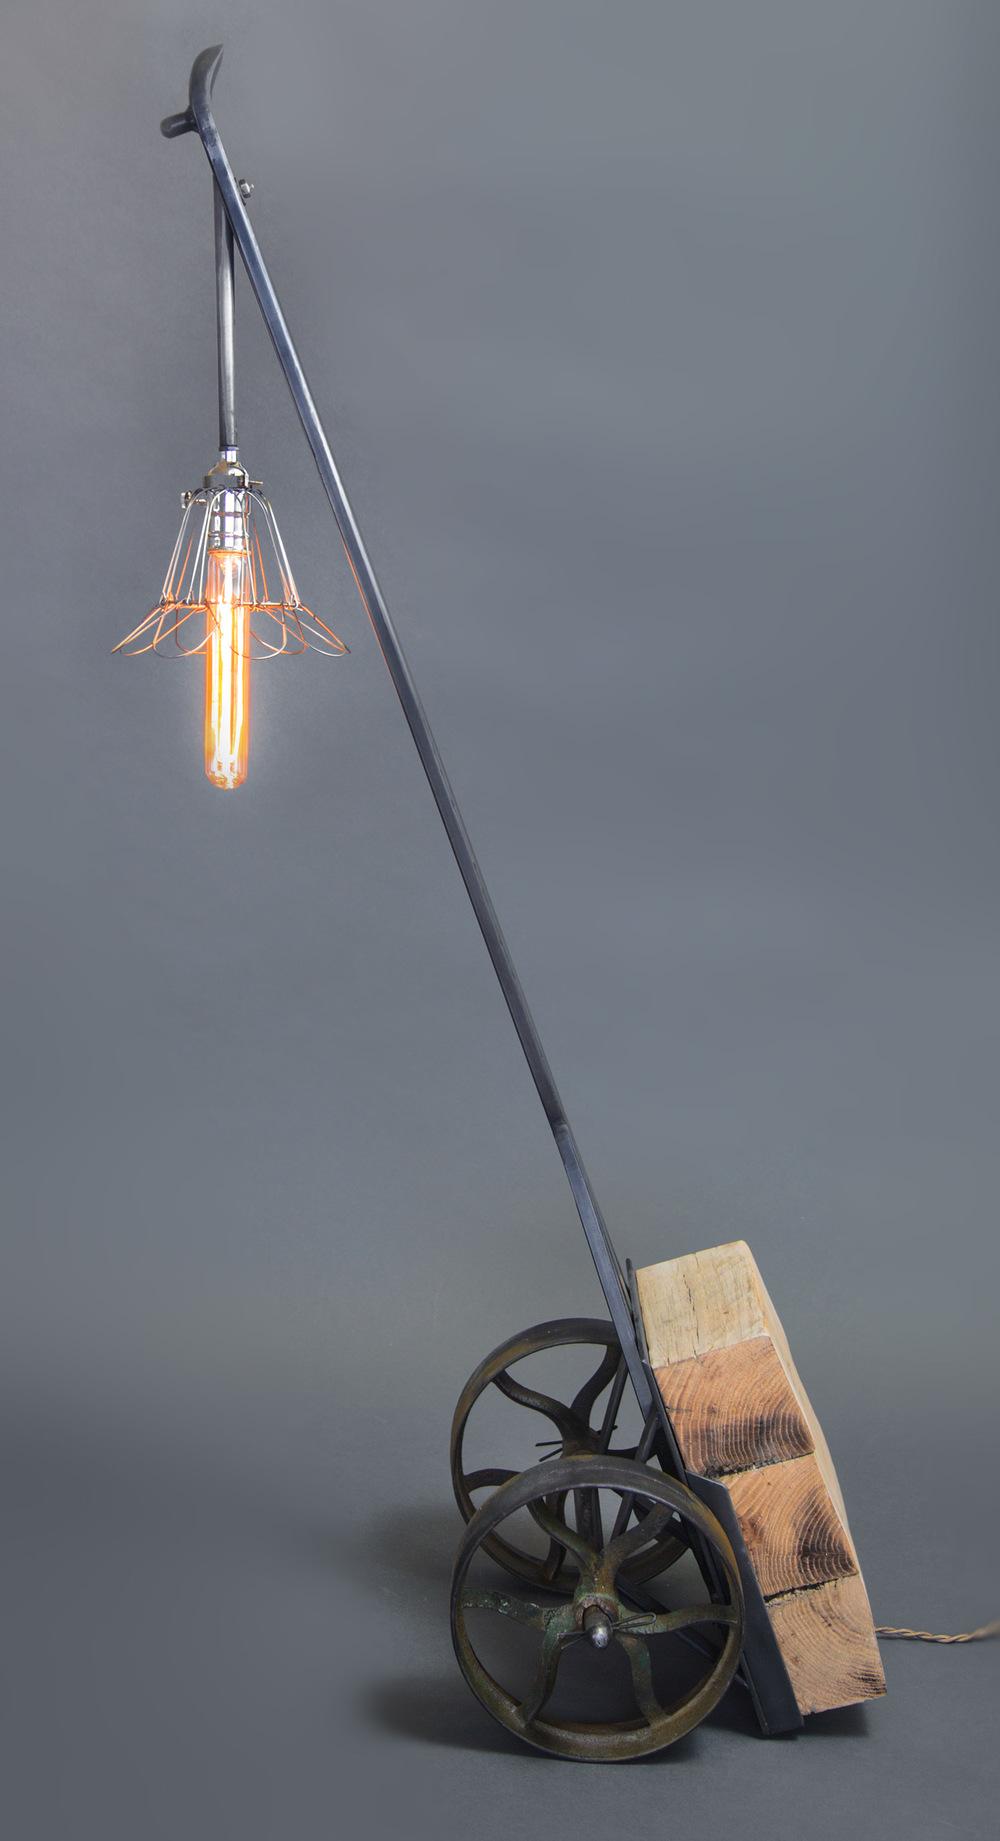 willls-cart-lamp.jpg